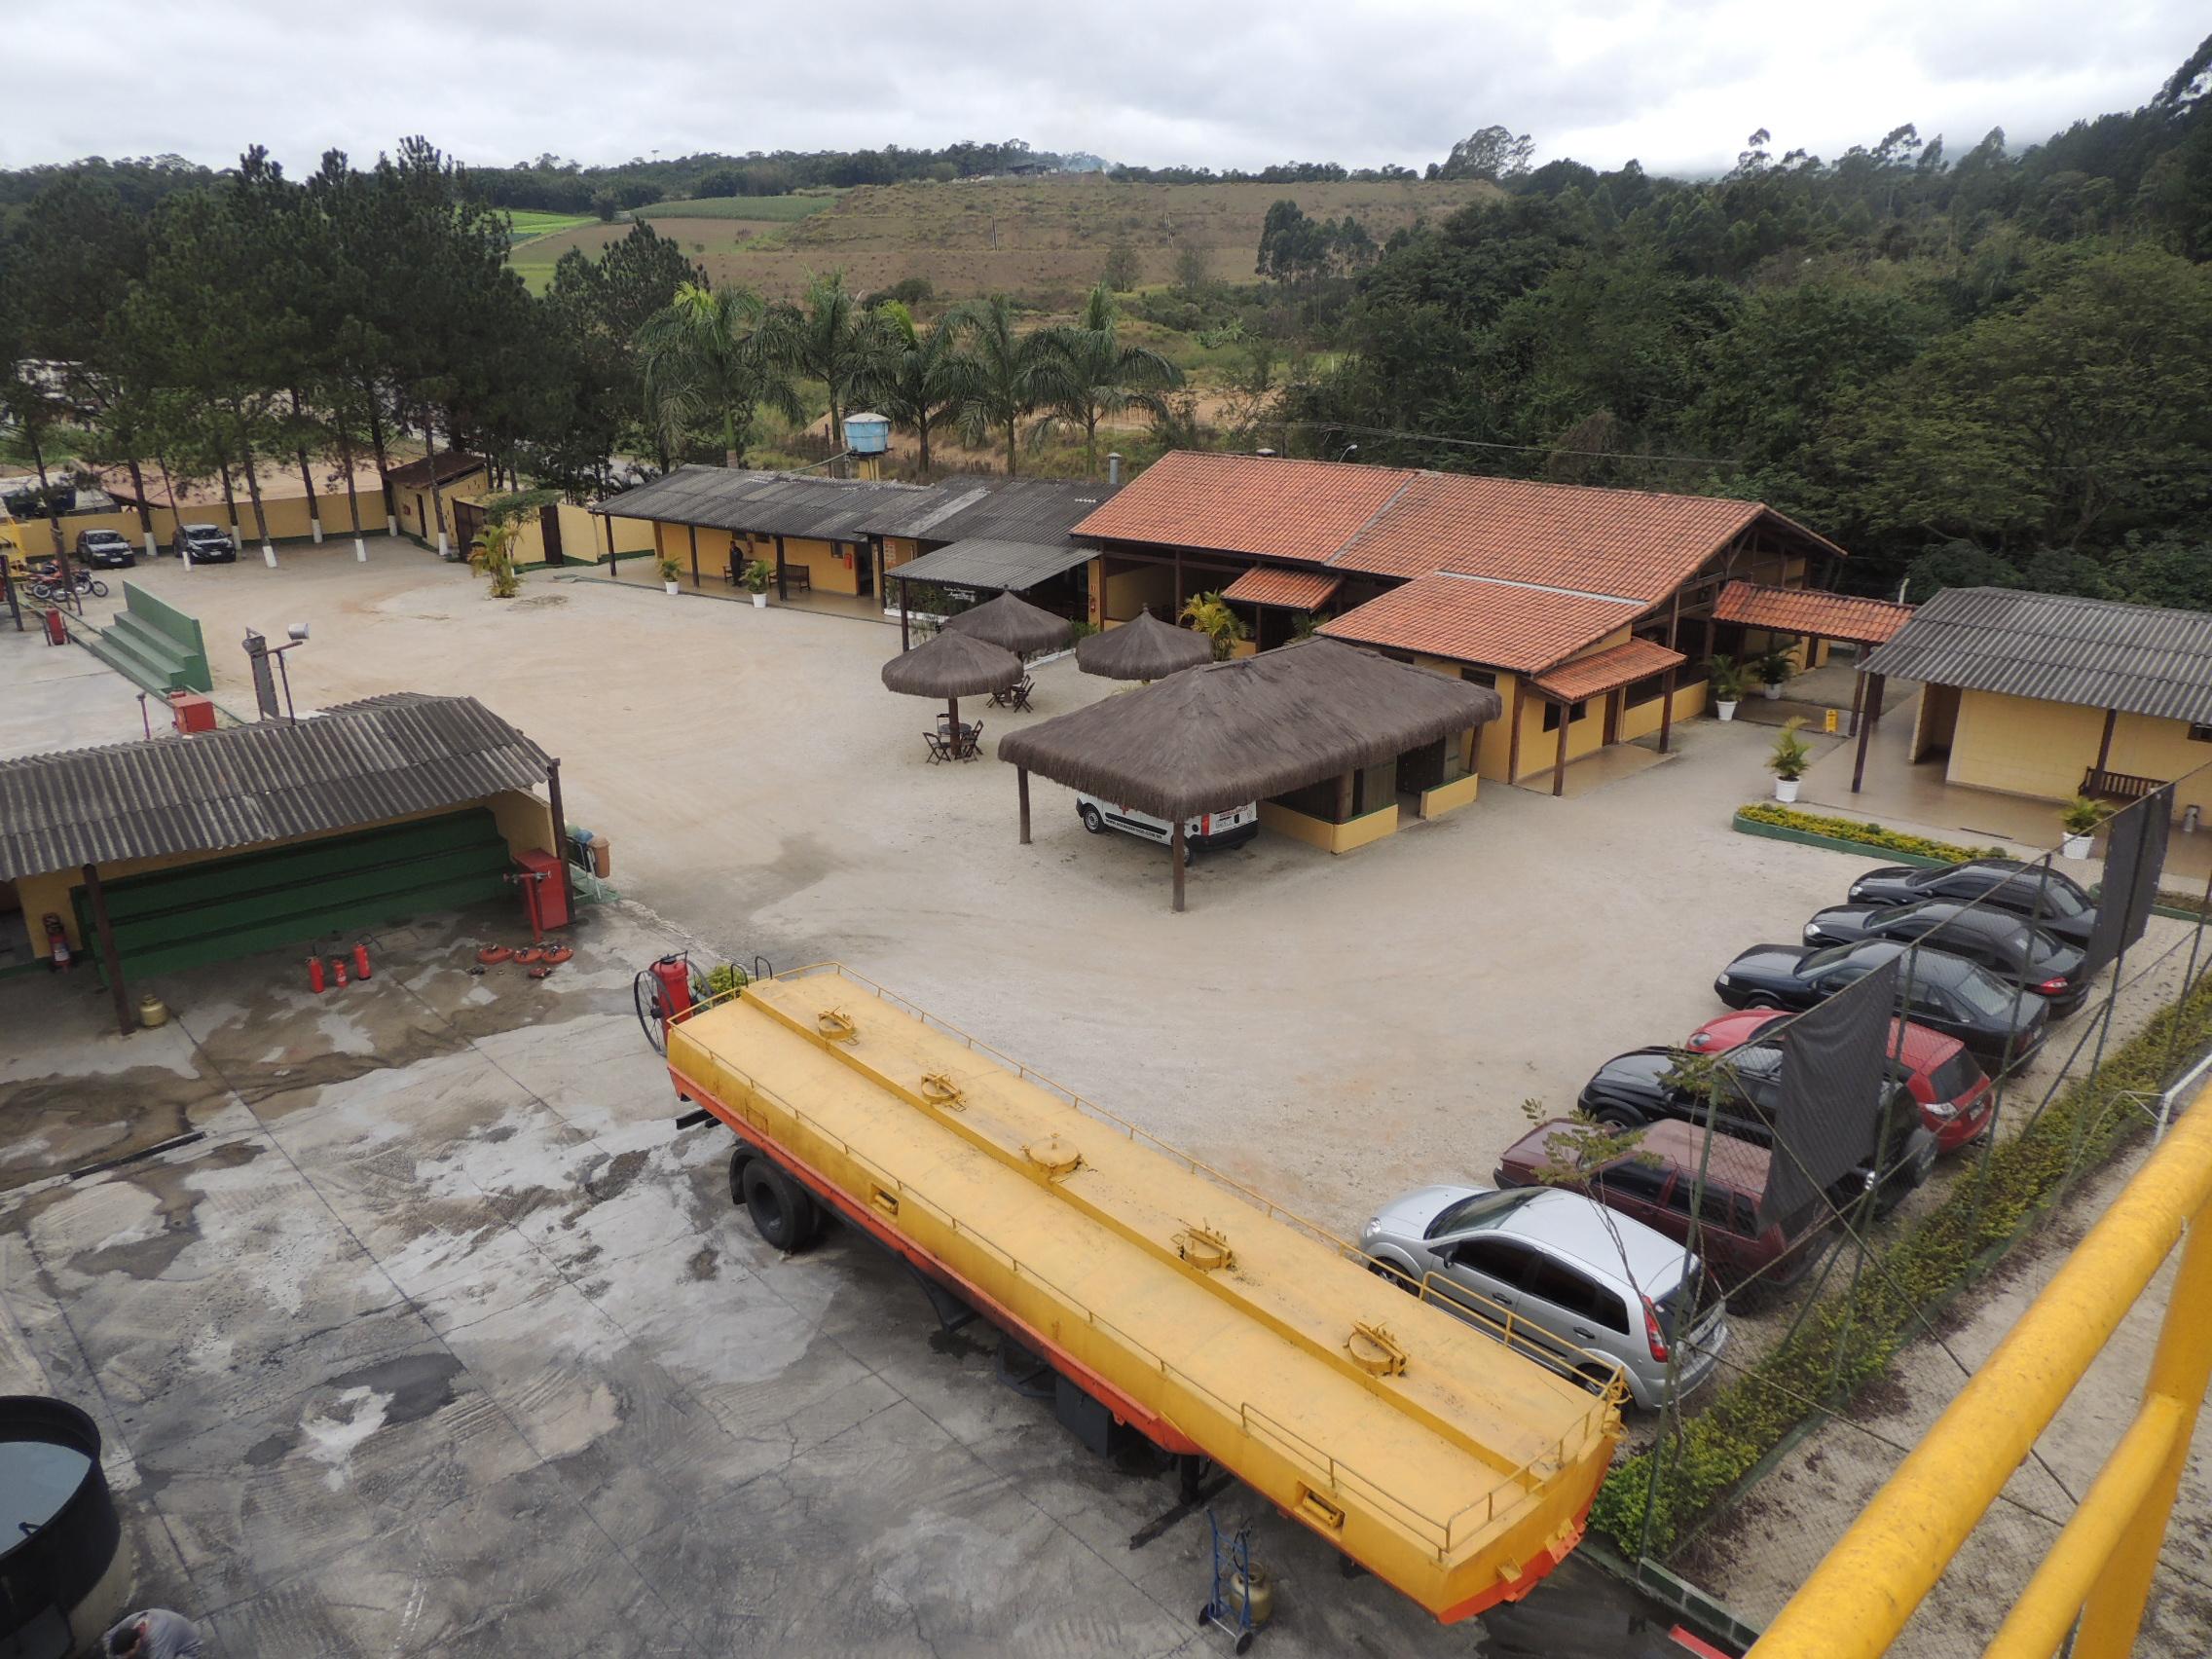 CENTRO DE TREINAMENTO  MOGI DAS CRUZES - Campo de Treinamento - Mogi das Cruzes